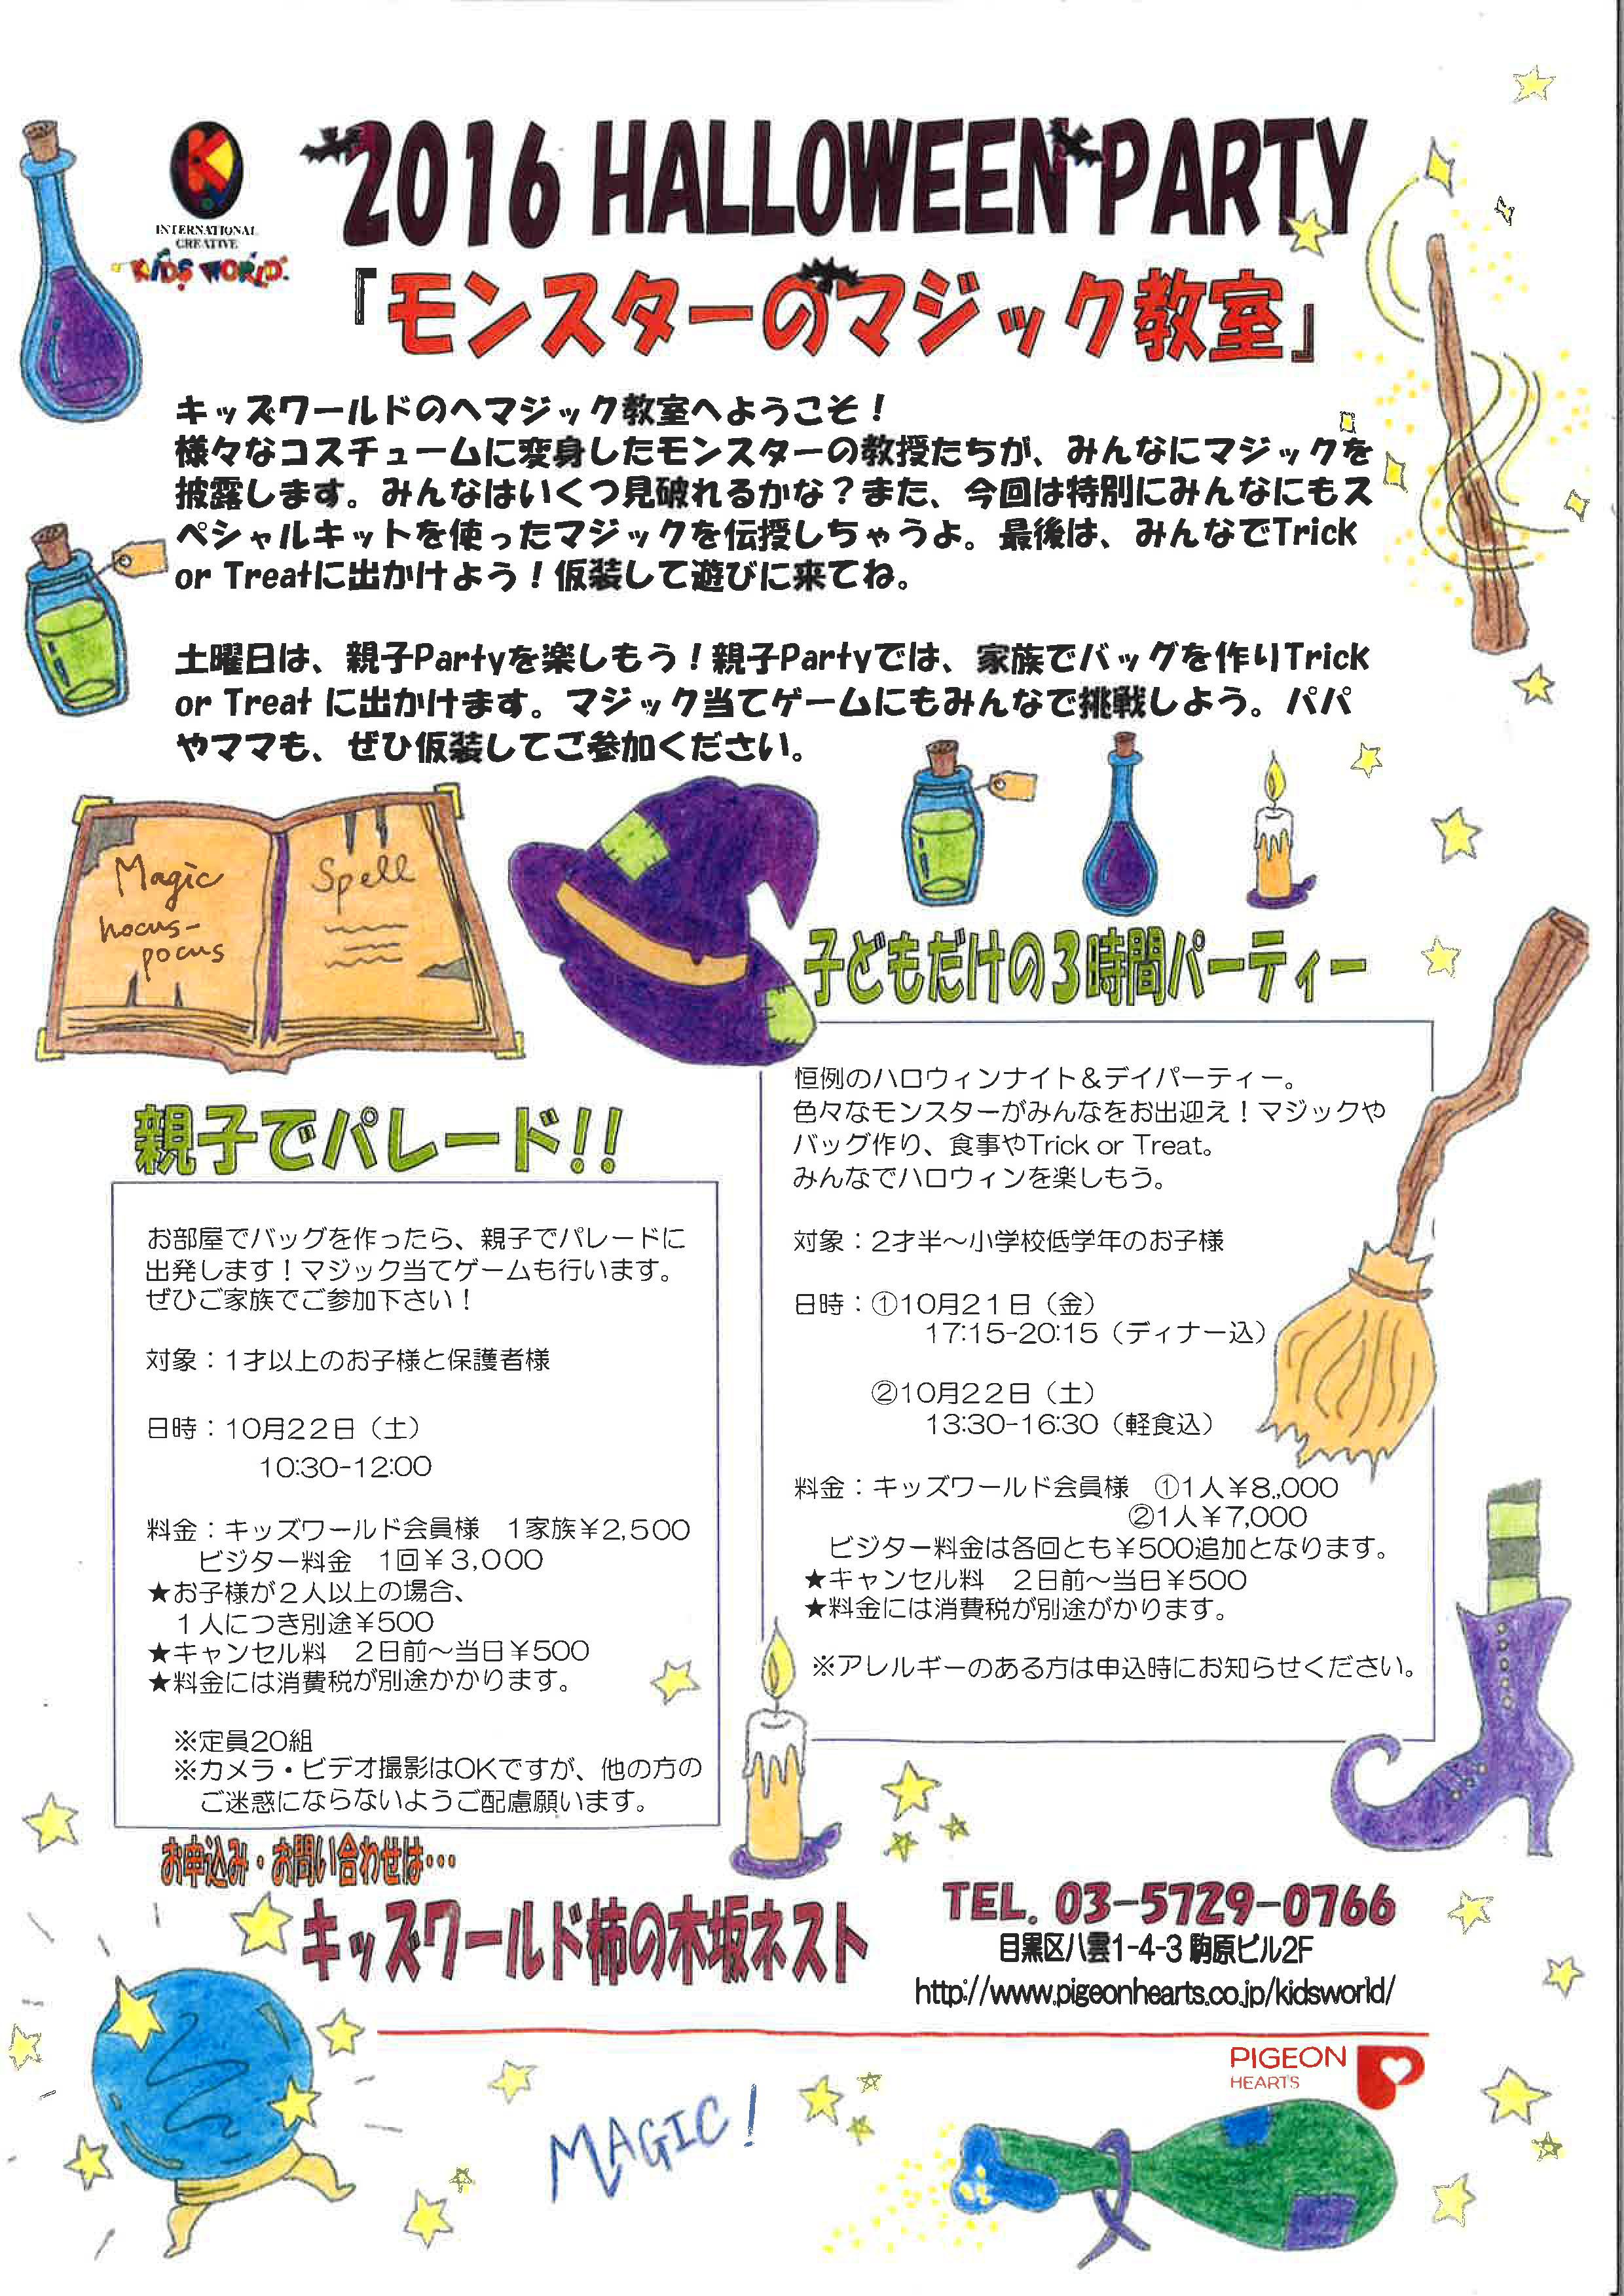 柿の木坂 HALLOWEEN